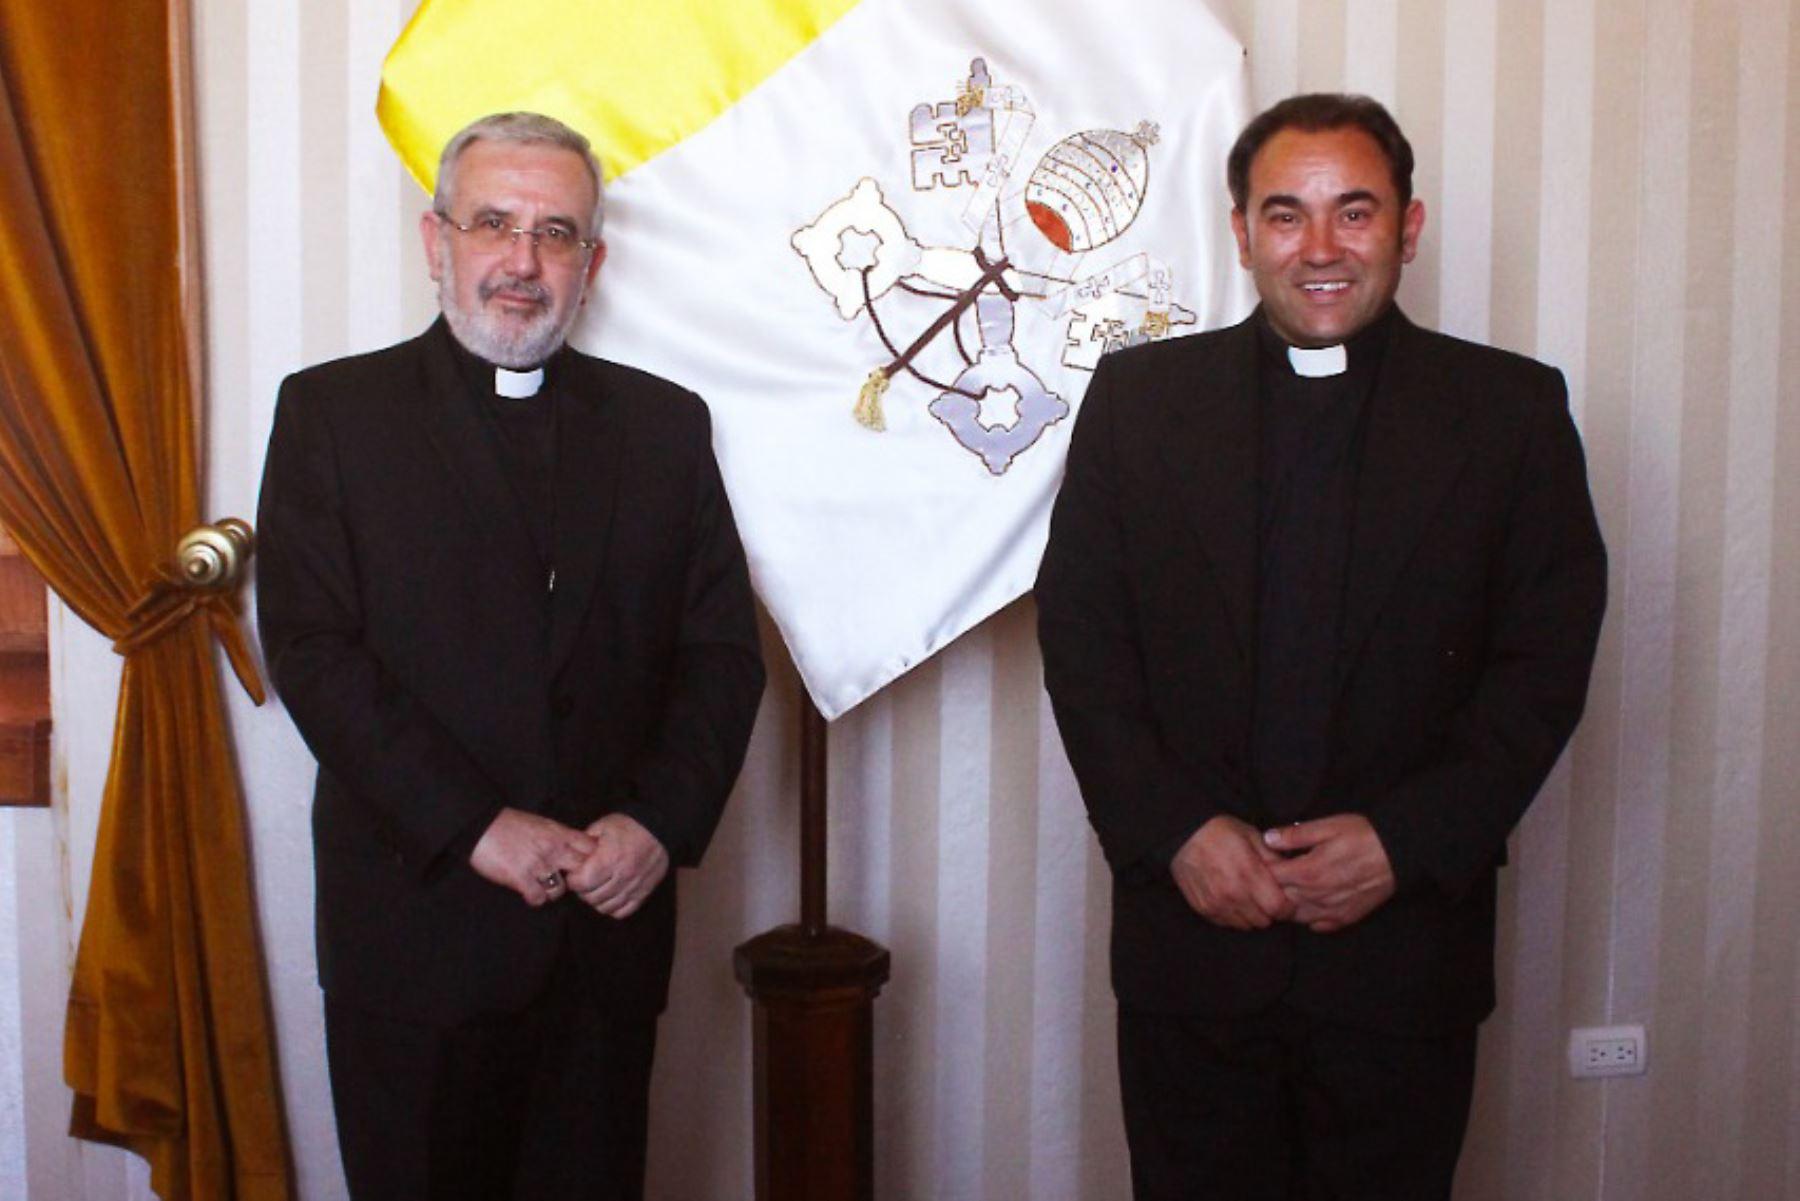 El arzobispo metropolitano de Arequipa, monseñor Javier del Río Alba, junto al nuevo obispo de la Prelatura Santiago Apóstol de Huancané, Giovanni Cefai (derecha).